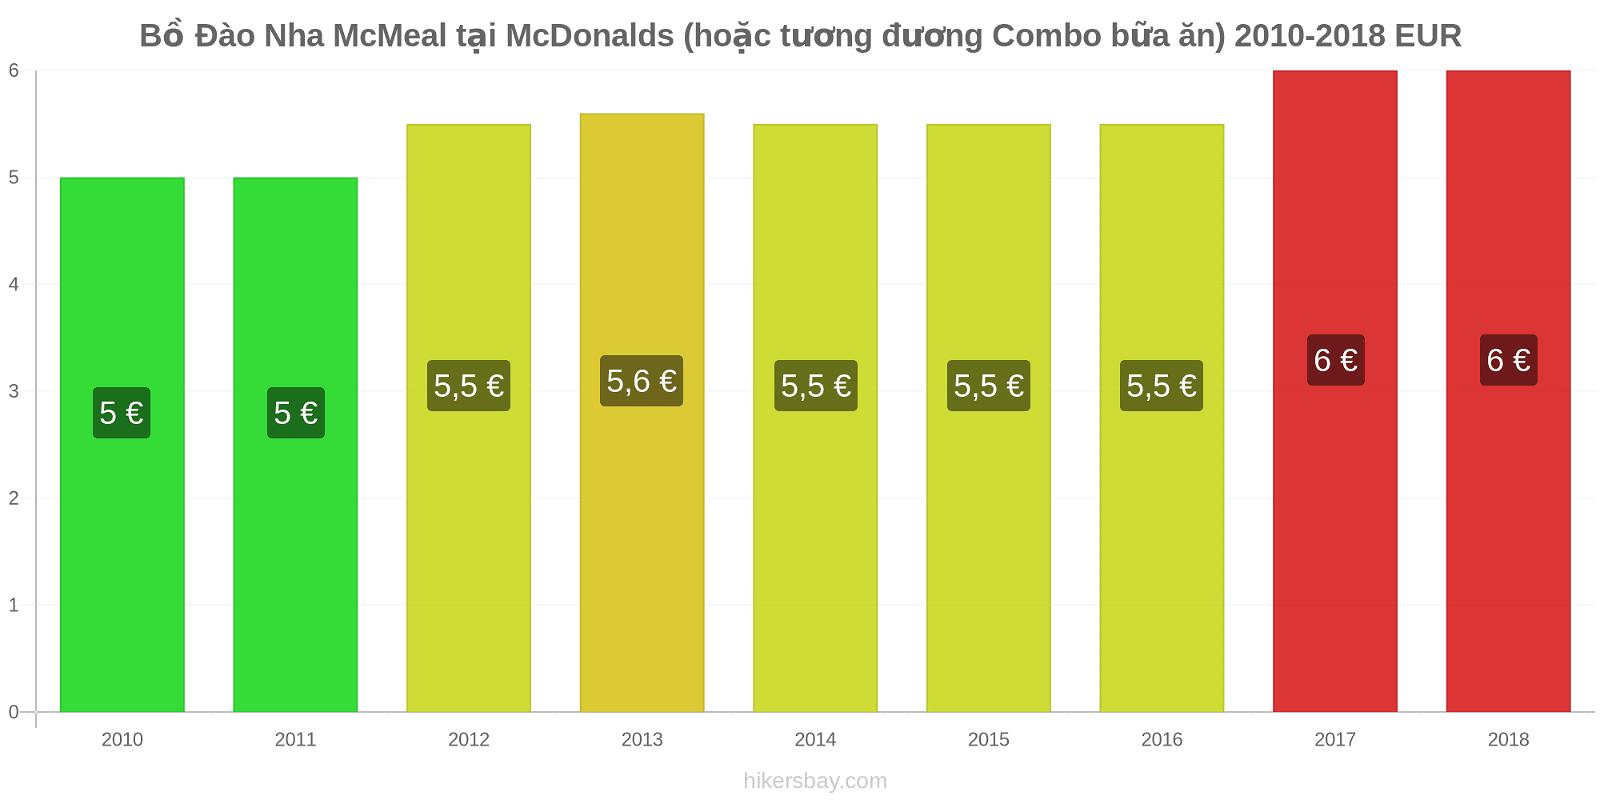 Bồ Đào Nha thay đổi giá McMeal tại McDonalds (hoặc tương đương Combo bữa ăn) hikersbay.com